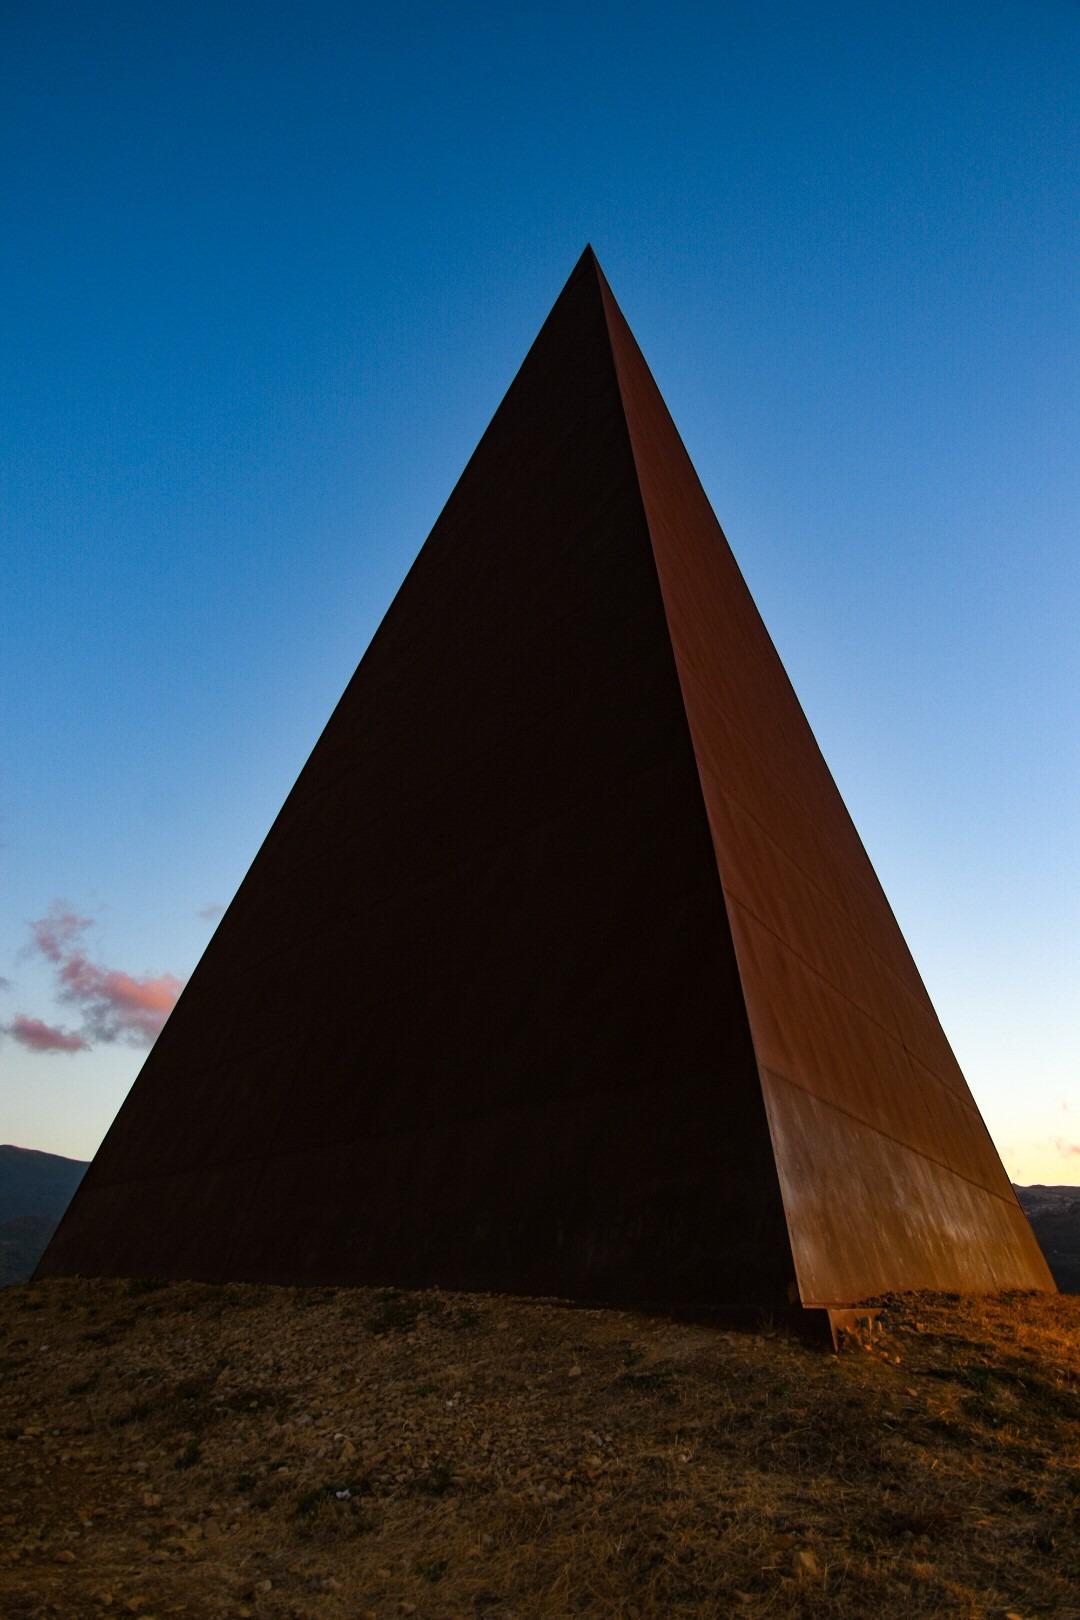 piramide2-1602421905.jpg